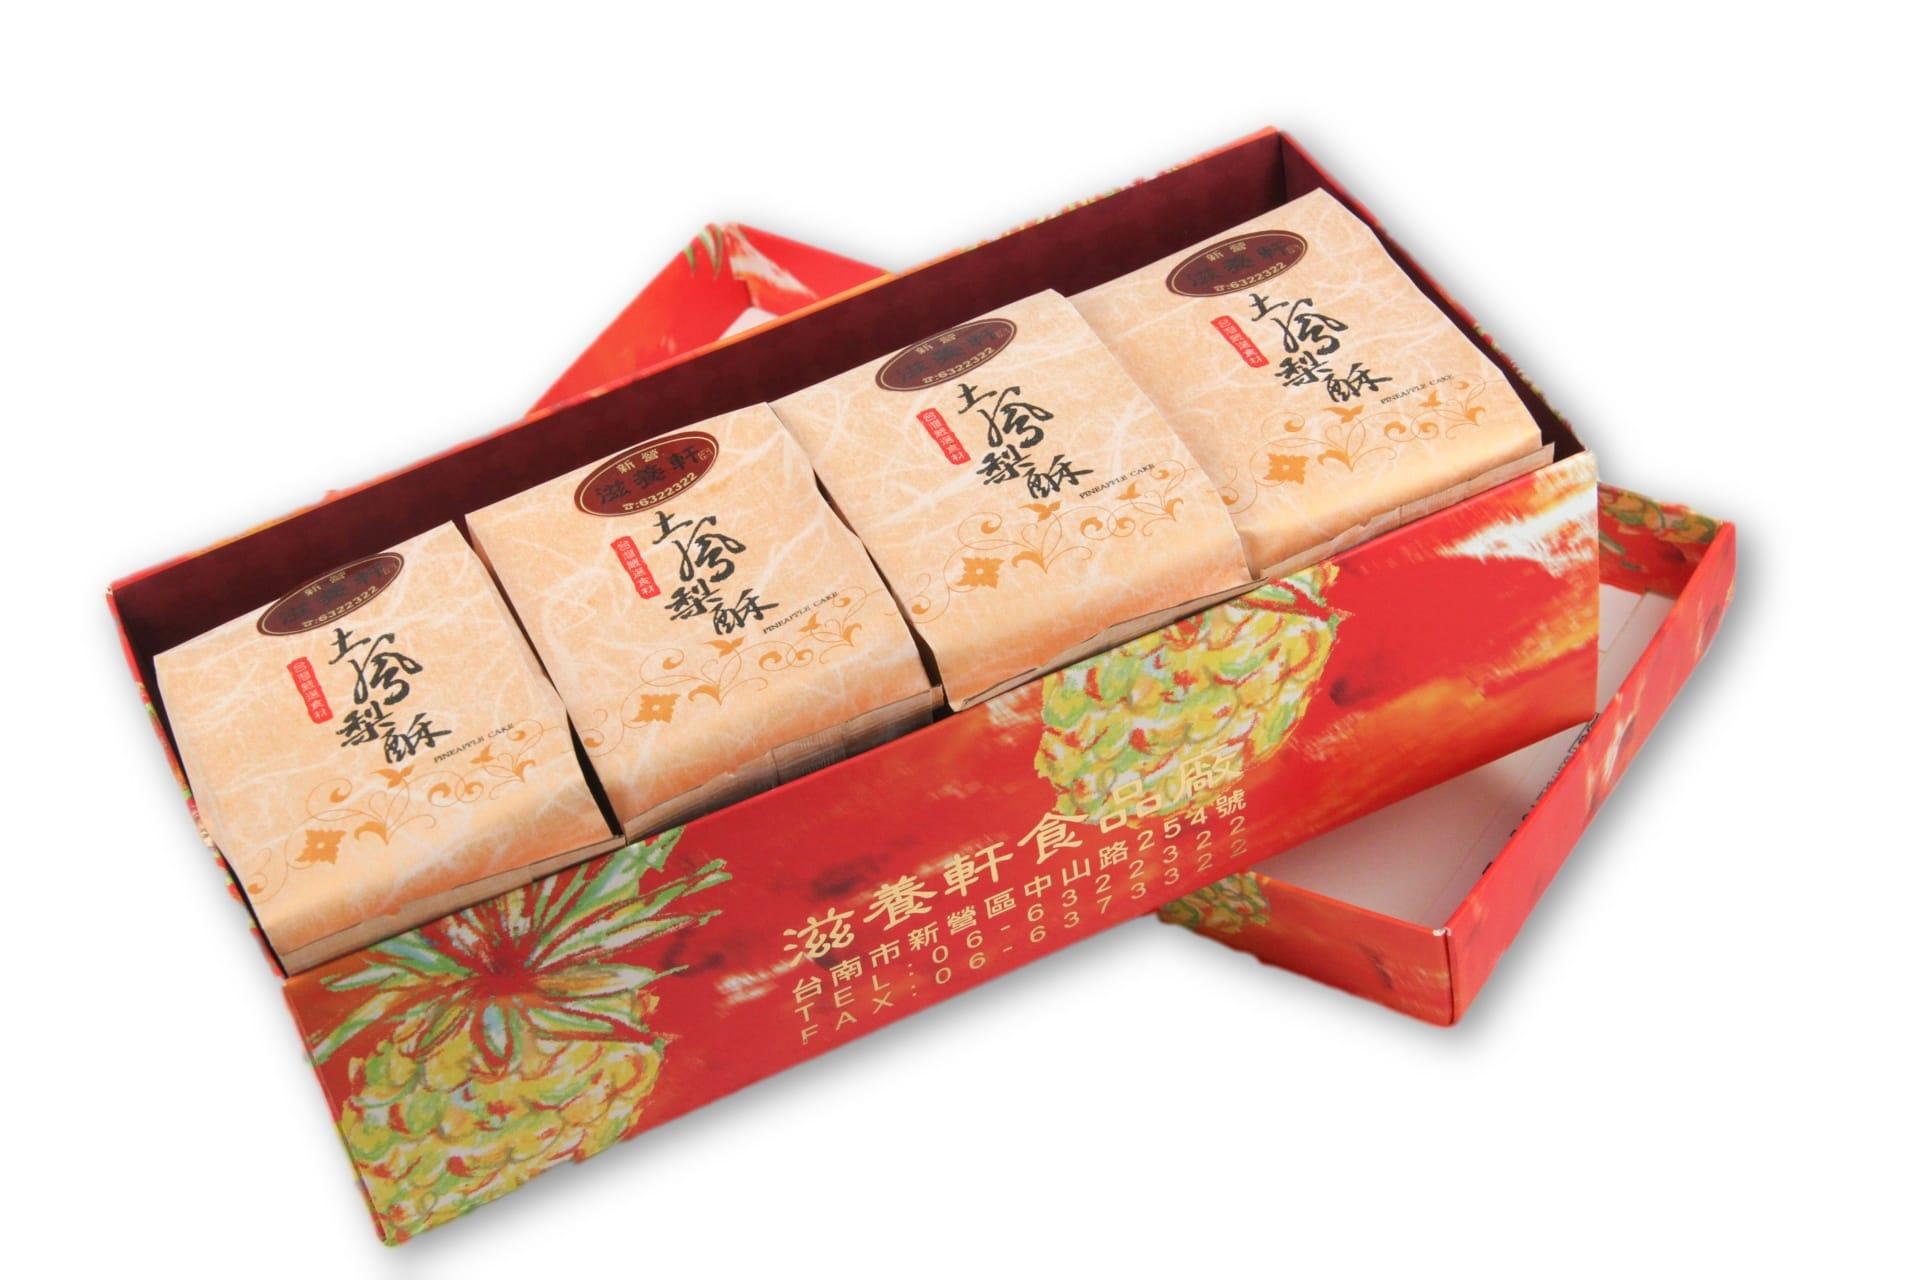 ❮全家滿499免運❯土鳳梨酥禮盒 12入/盒 - 微酸高纖 好滋味伴手禮[滋養軒]